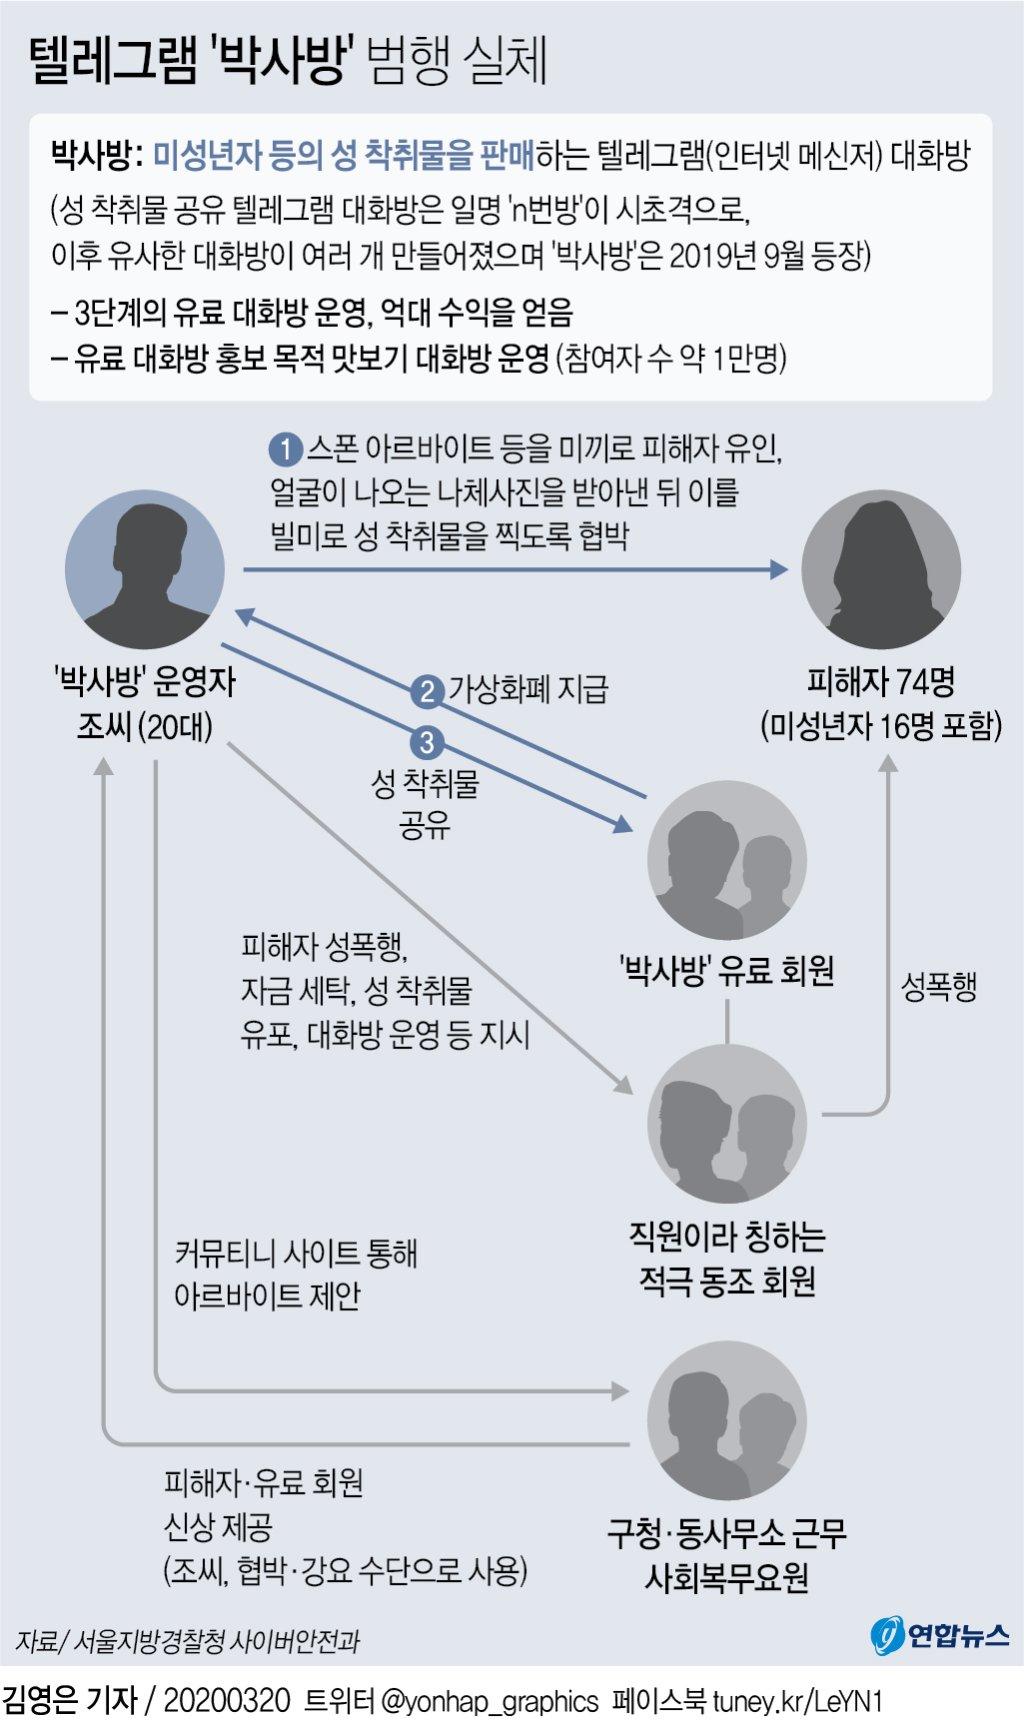 [그래픽] 텔레그램 '박사방' 범행 실체